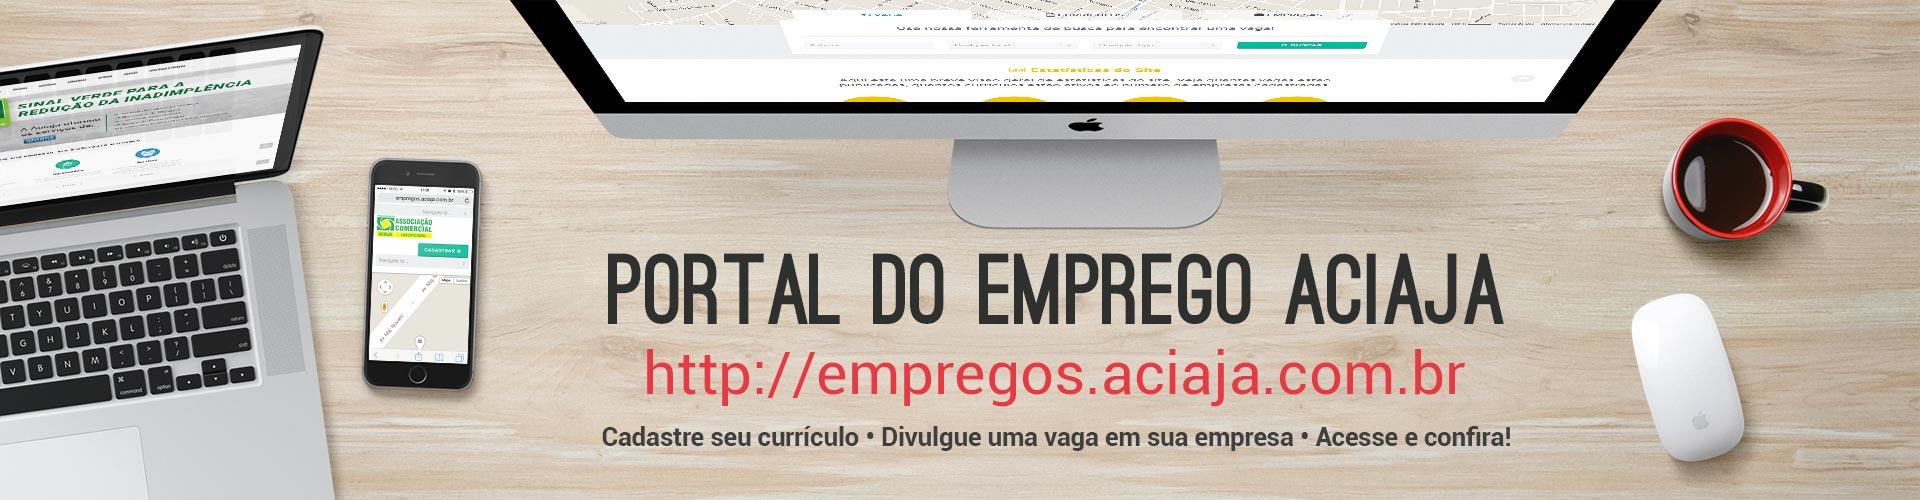 portal-do-emprego2